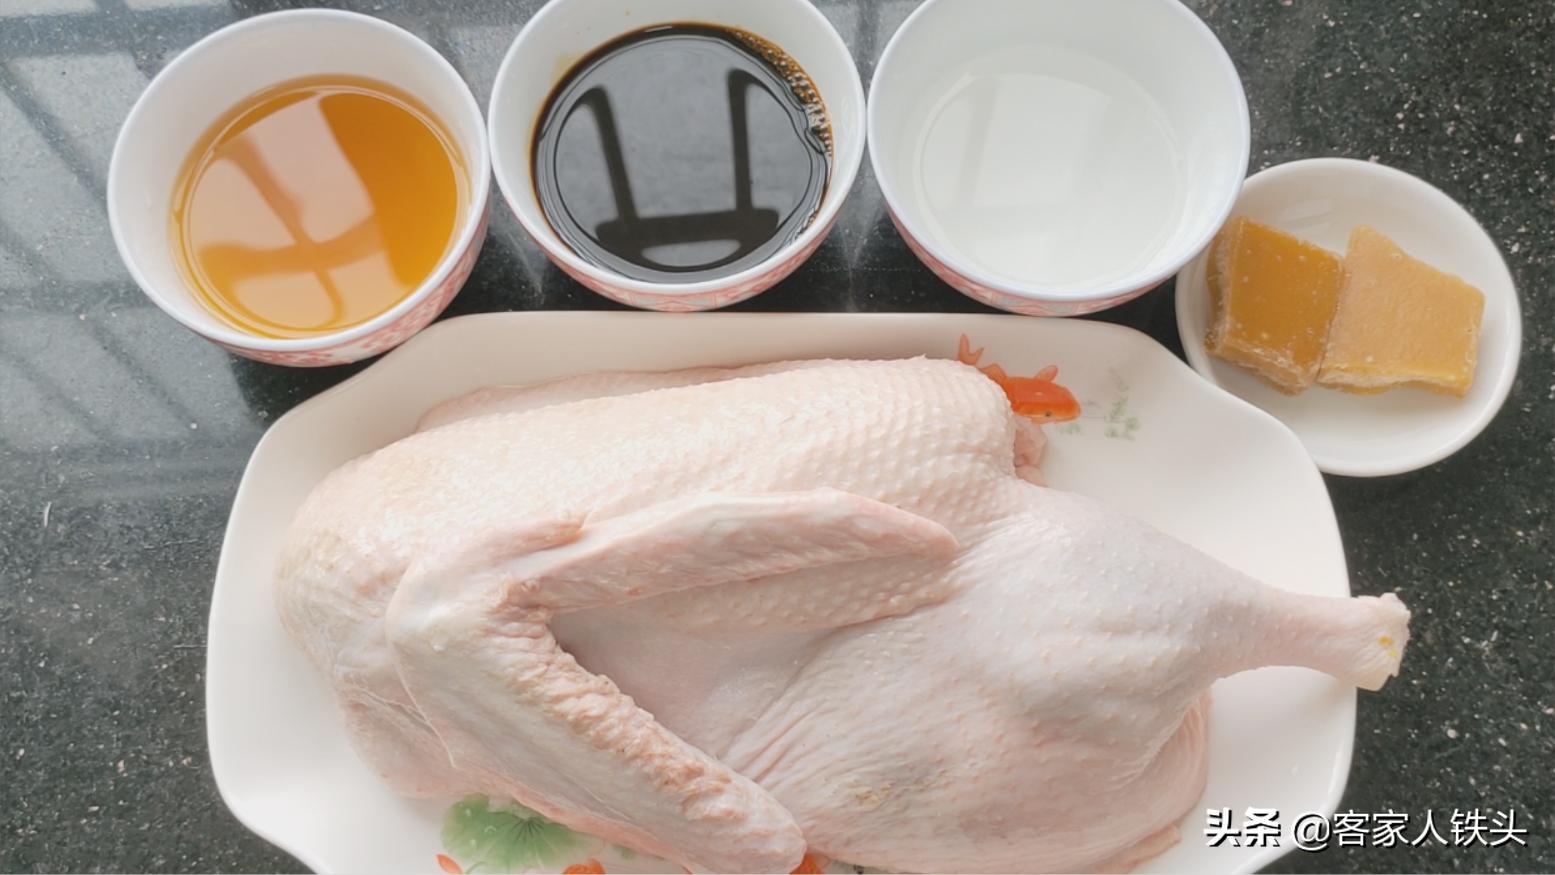 老水鴨怎樣做才香? 教你廣東有名吃法,詳細配料,皮香肉滑口感好